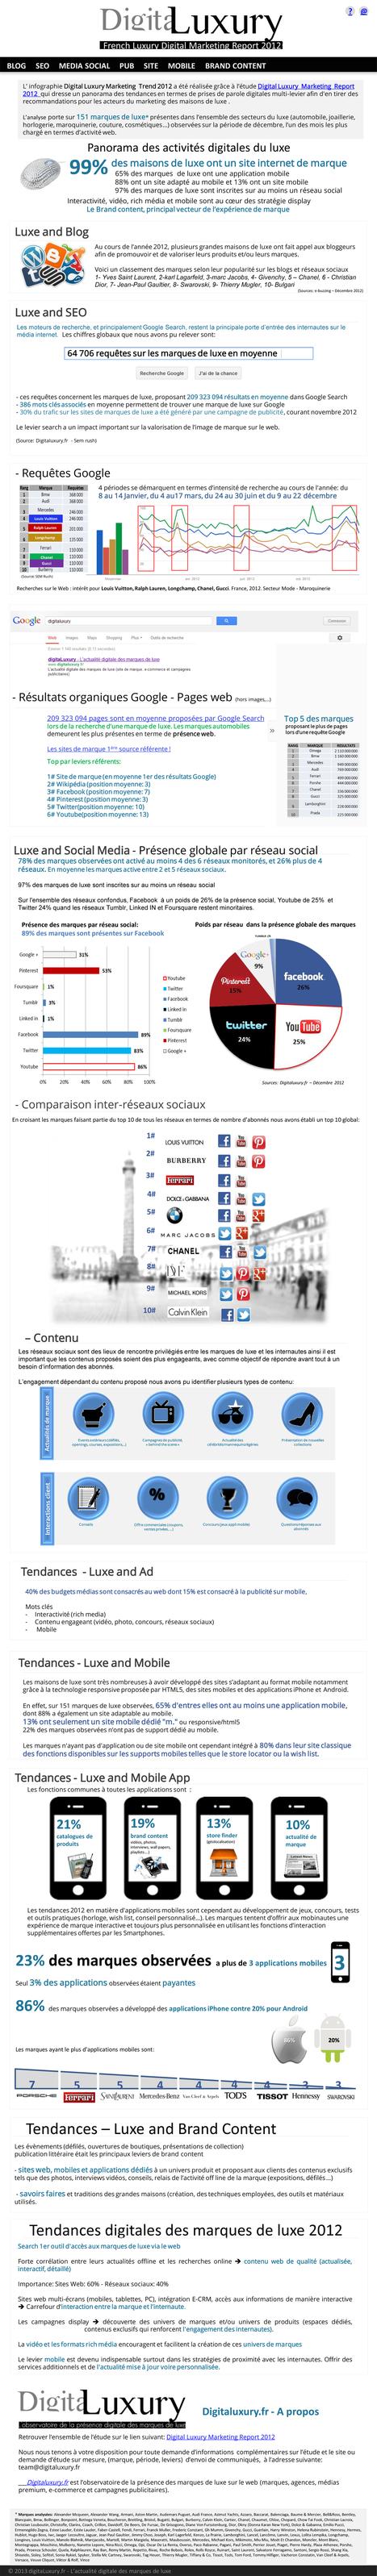 Tendances Marketing 2012 des marques de luxe sur le web | Actualité marketing des marques | SD FR | Scoop.it